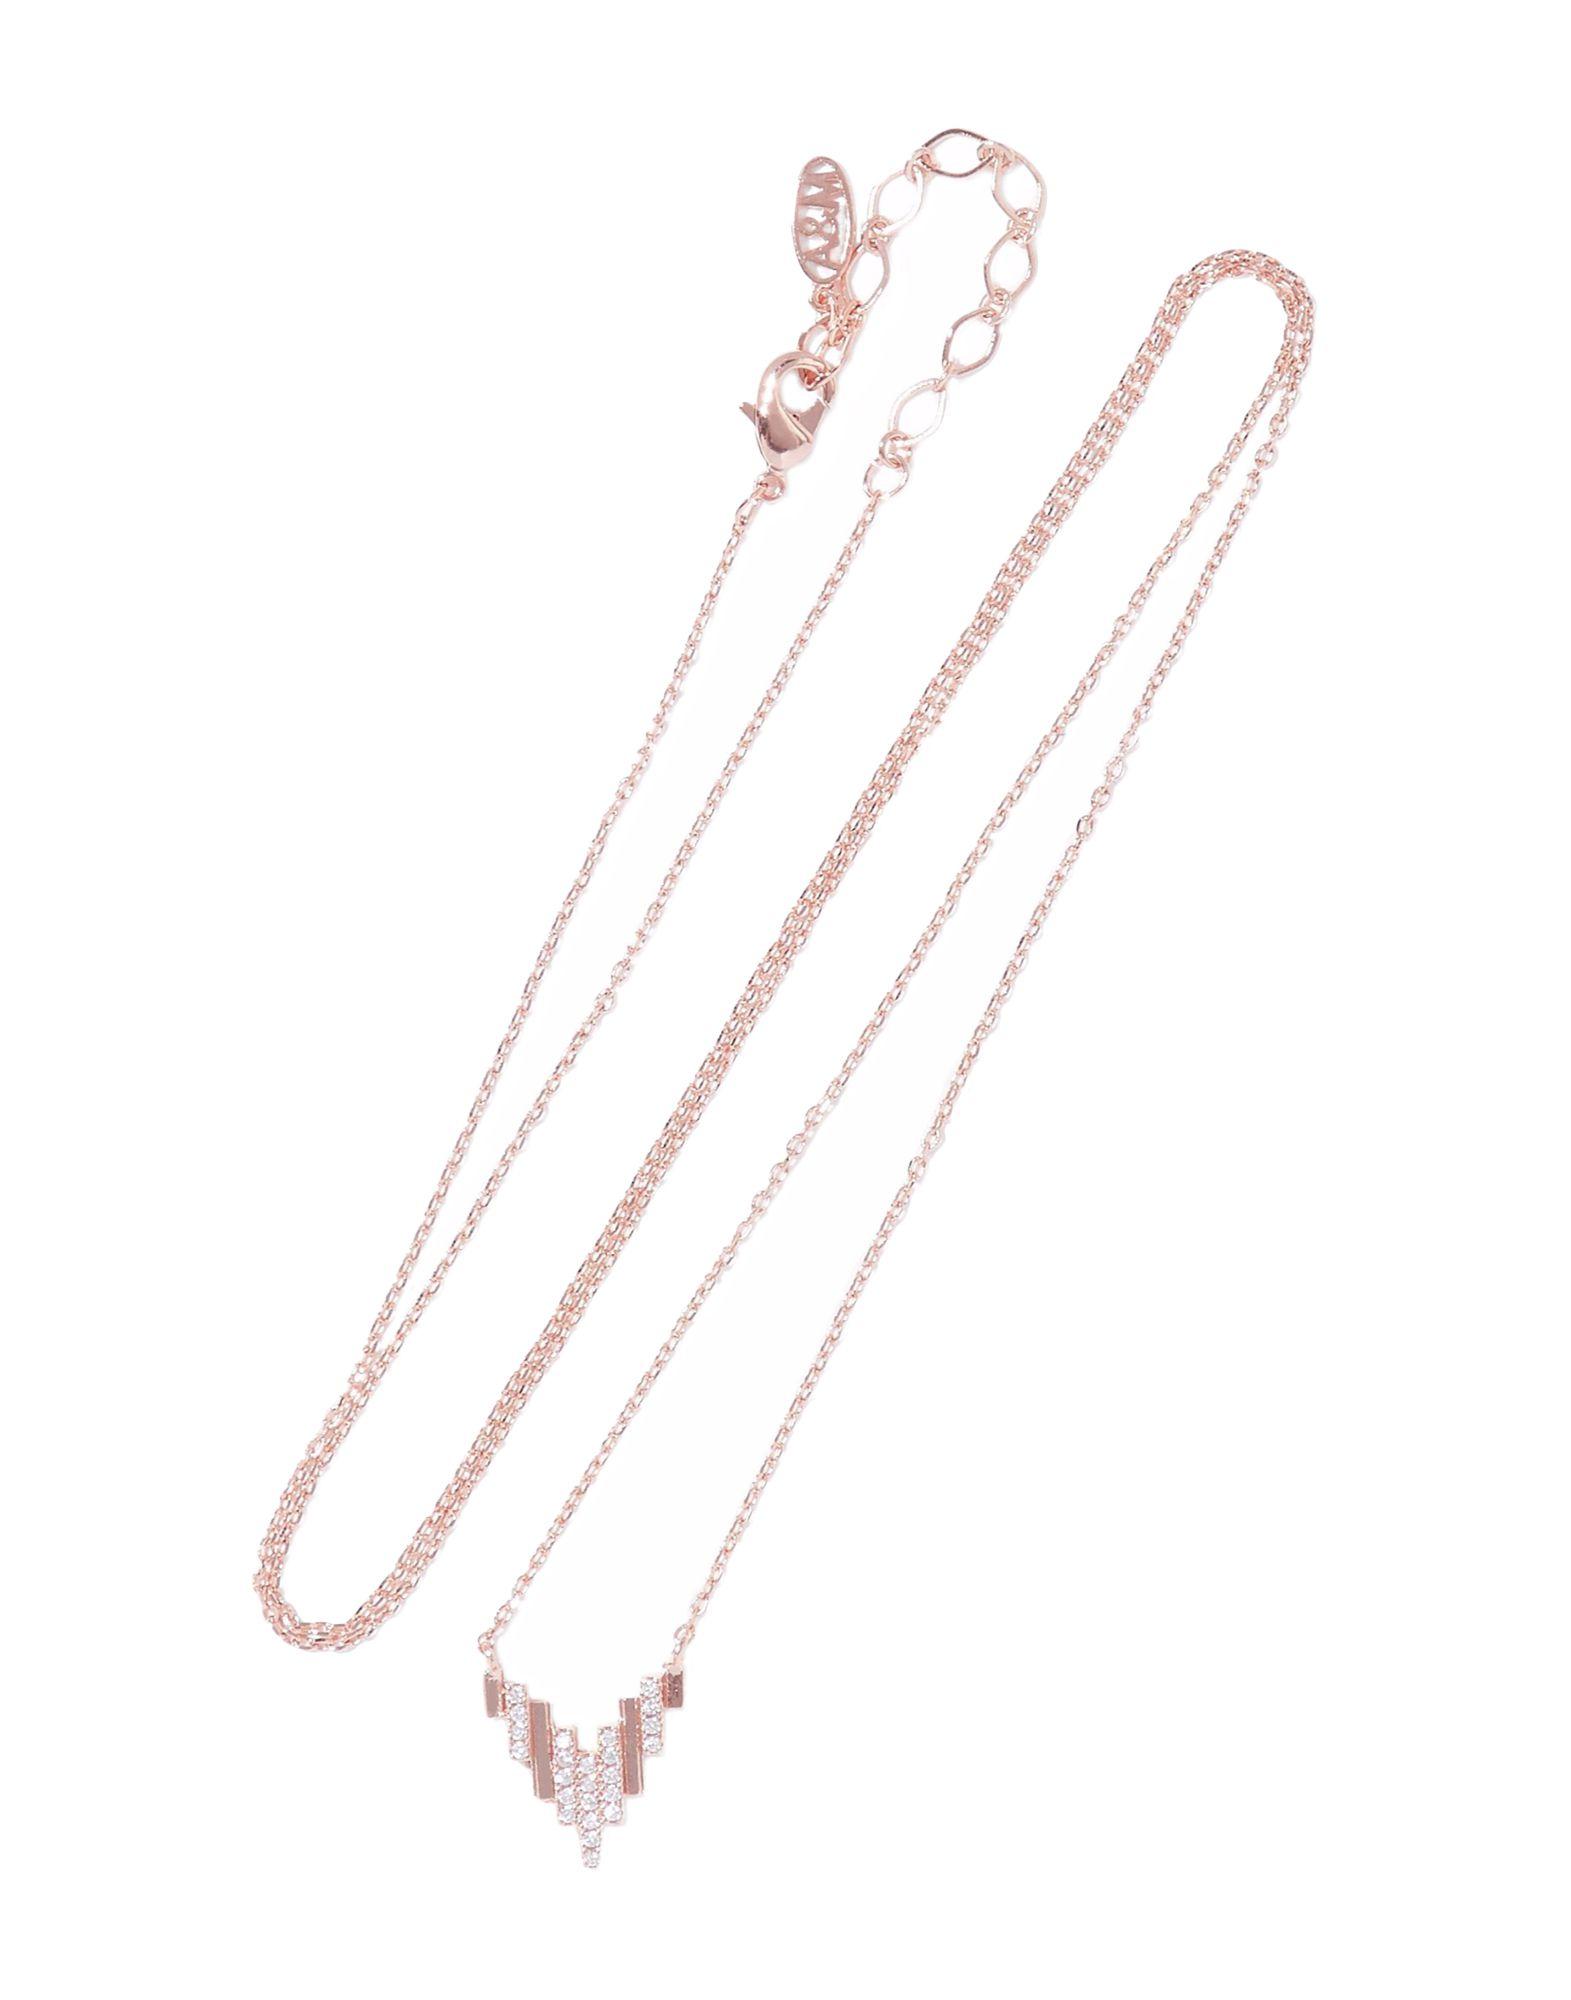 《セール開催中》ASTRID & MIYU レディース ネックレス カッパー 真鍮/ブラス / 18kピンクゴールドメッキ / キュービックジルコニア